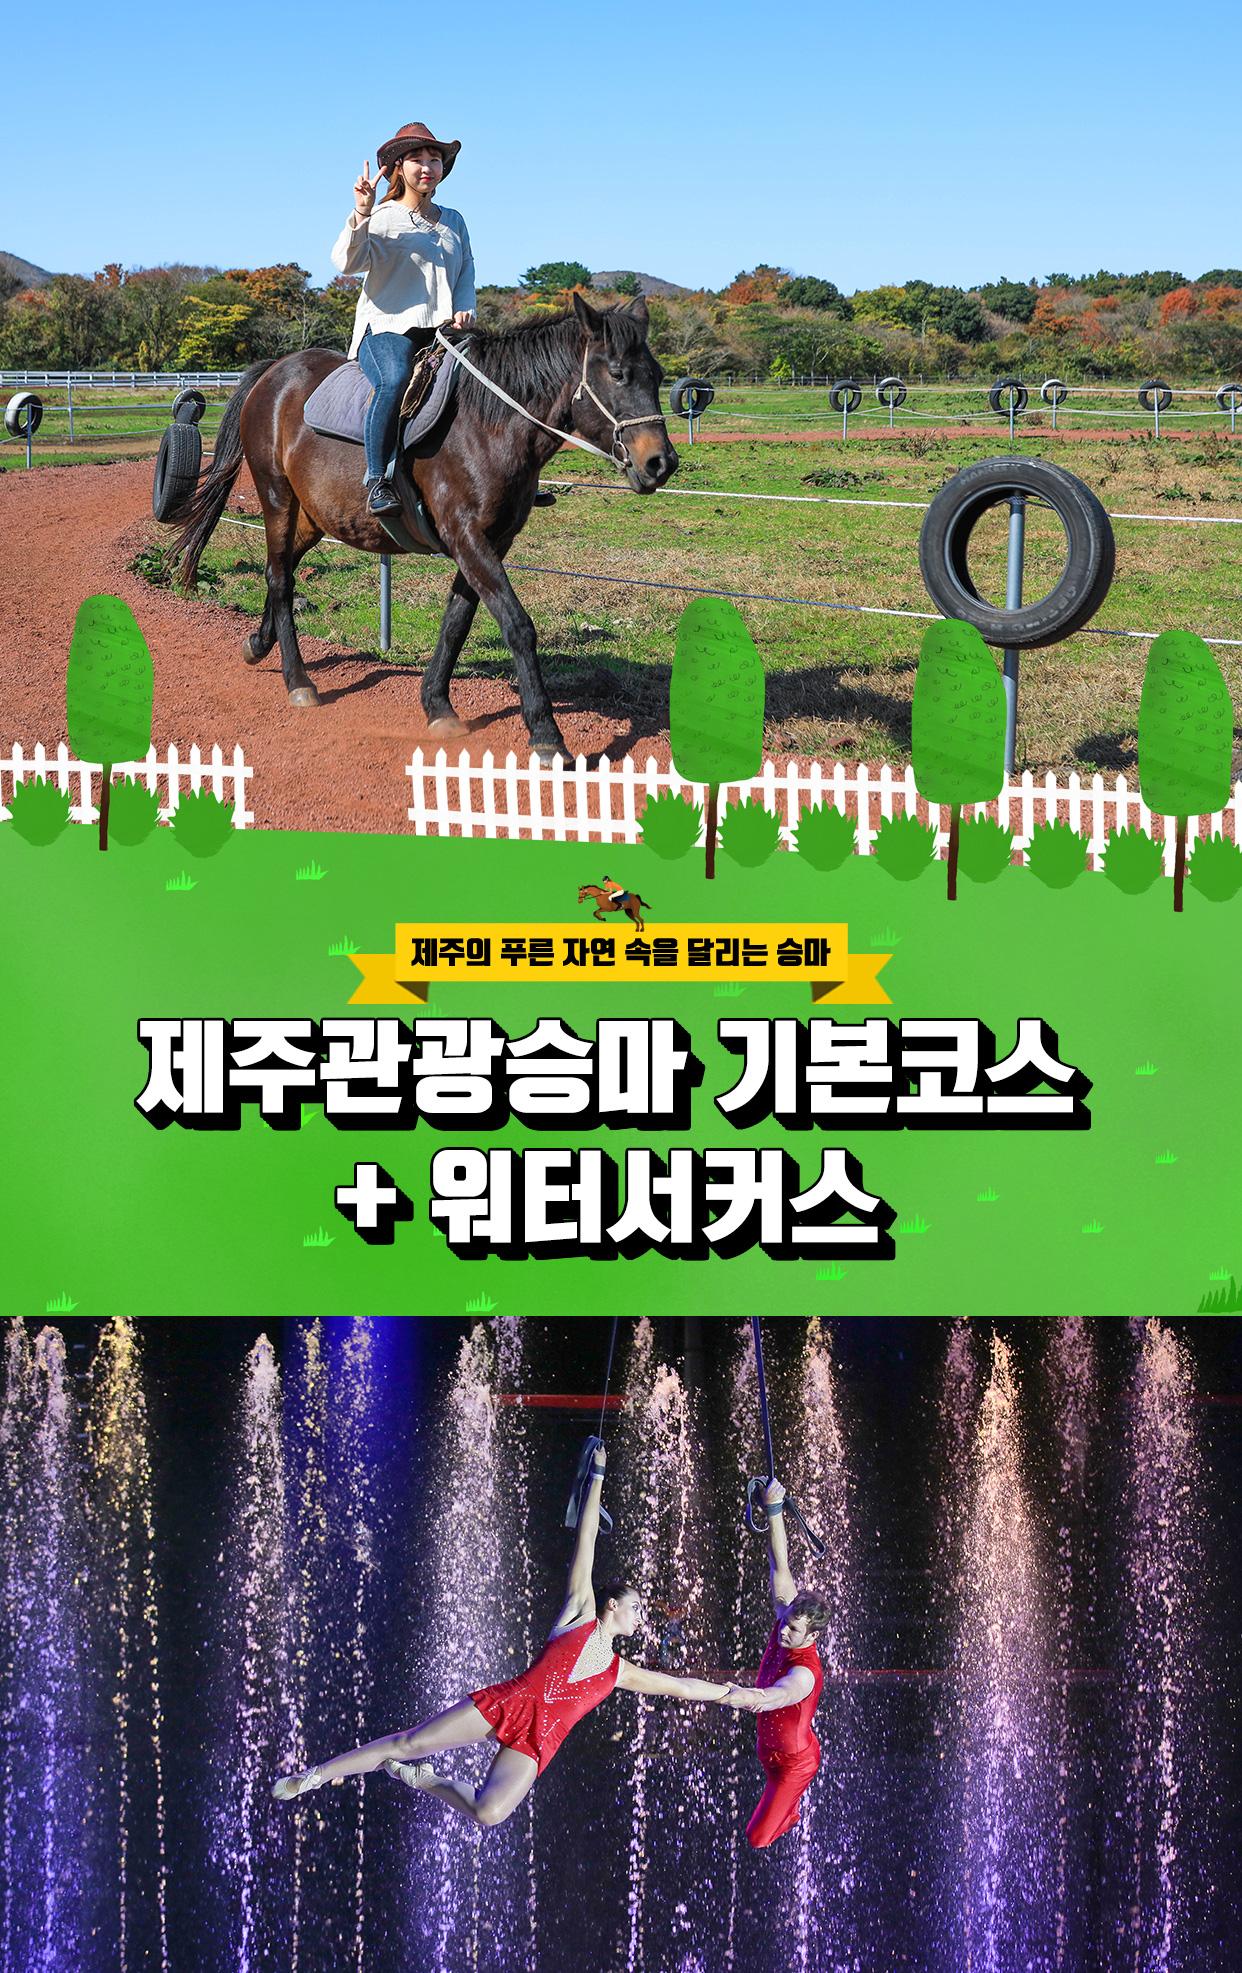 제주관광승마-기본코스+워터서커스.jpg